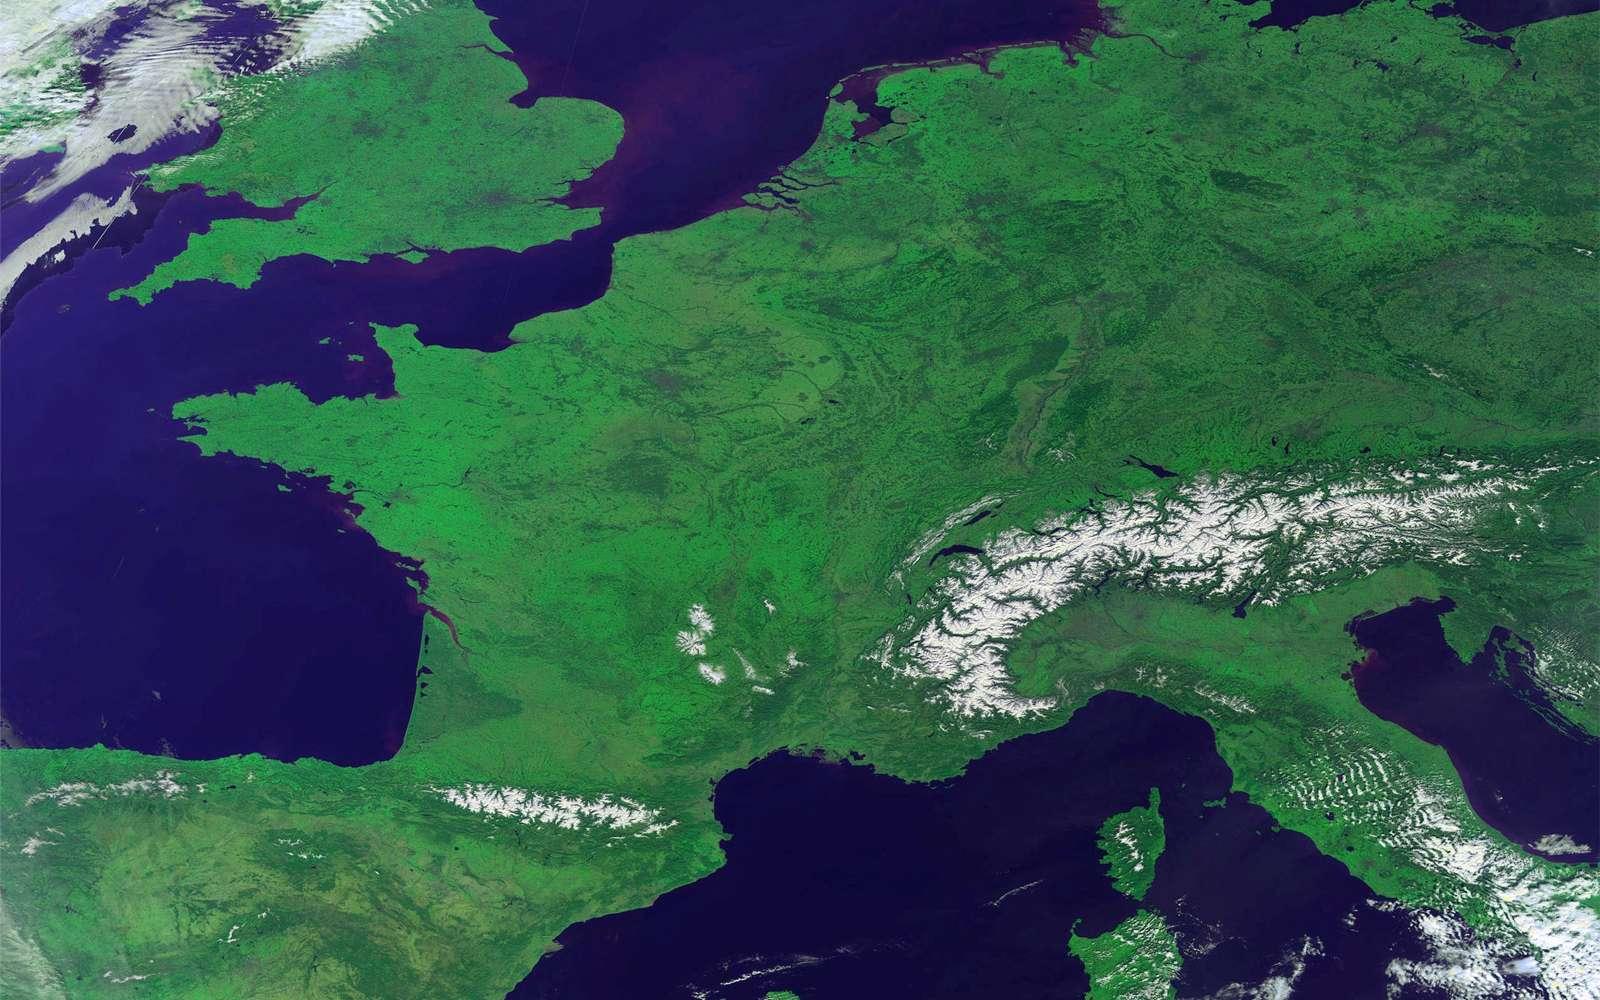 La partie occidentale de l'Europe sans nuage. Cette photo a été acquise le 9 mars par le petit satellite Proba-V de l'Agence spatiale européenne. © Esa/Vito